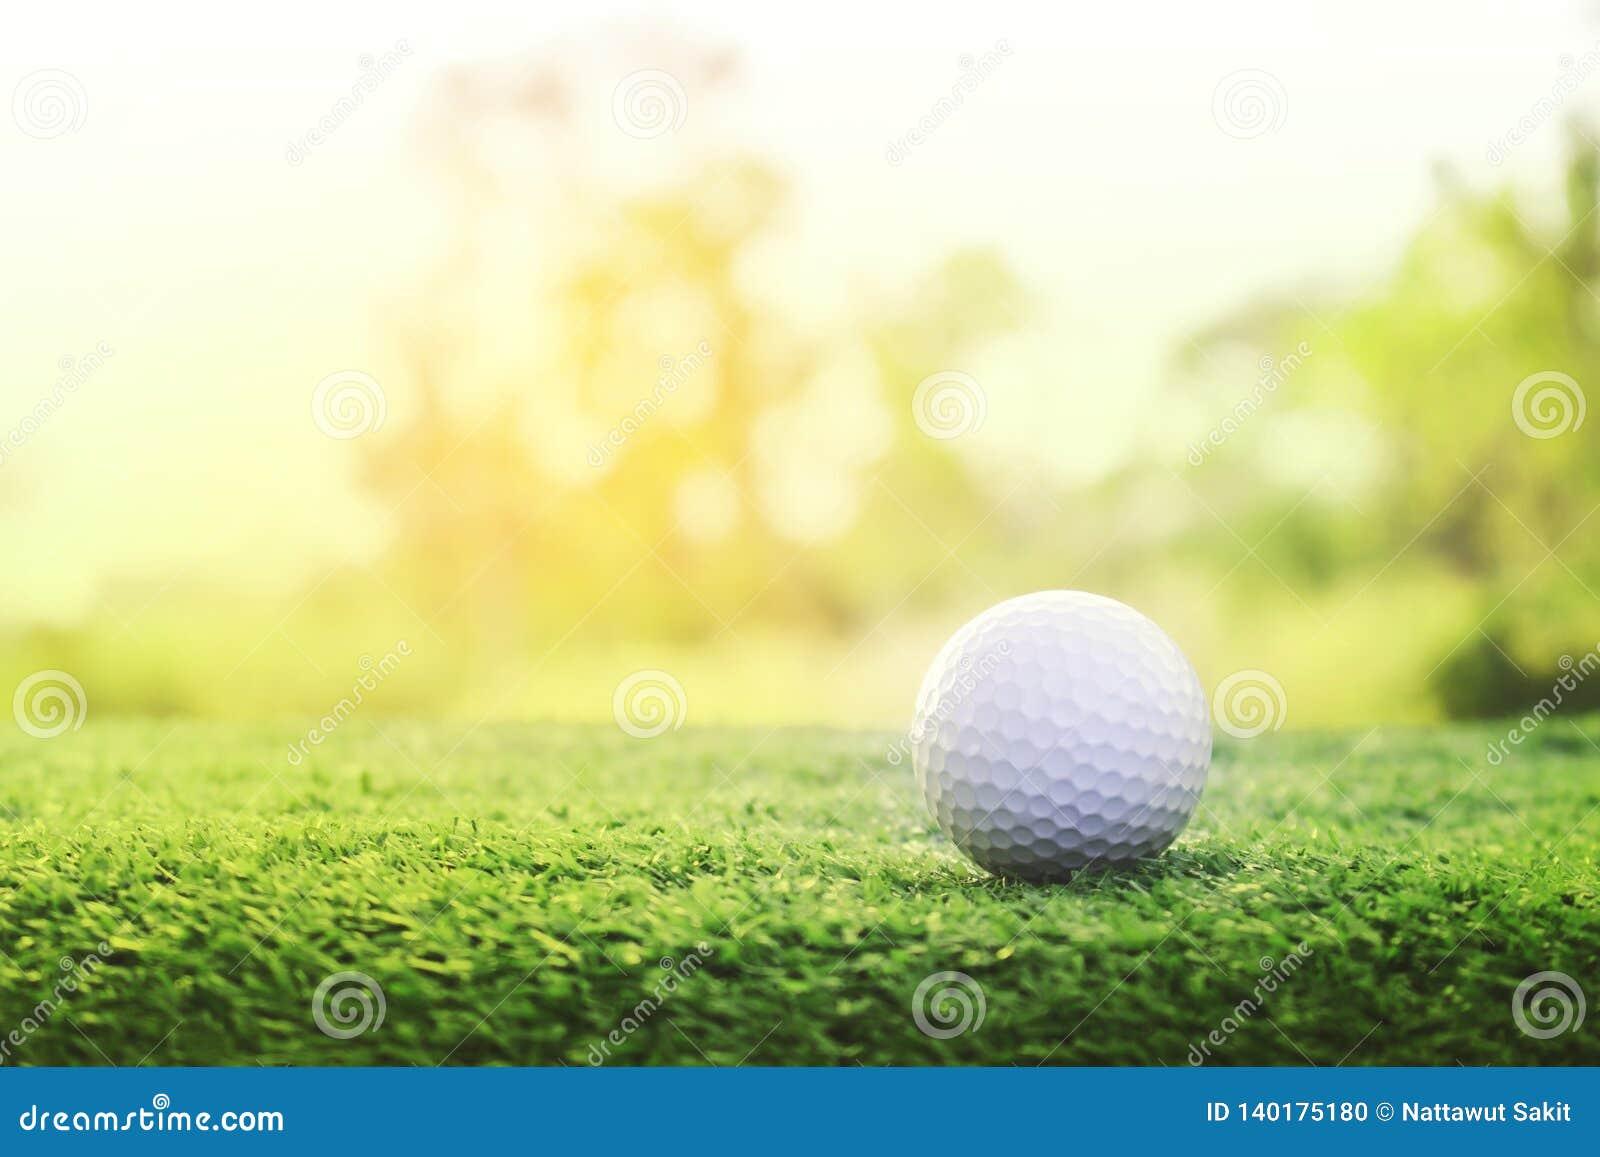 Шар для игры в гольф на зеленой лужайке в красивом поле для гольфа